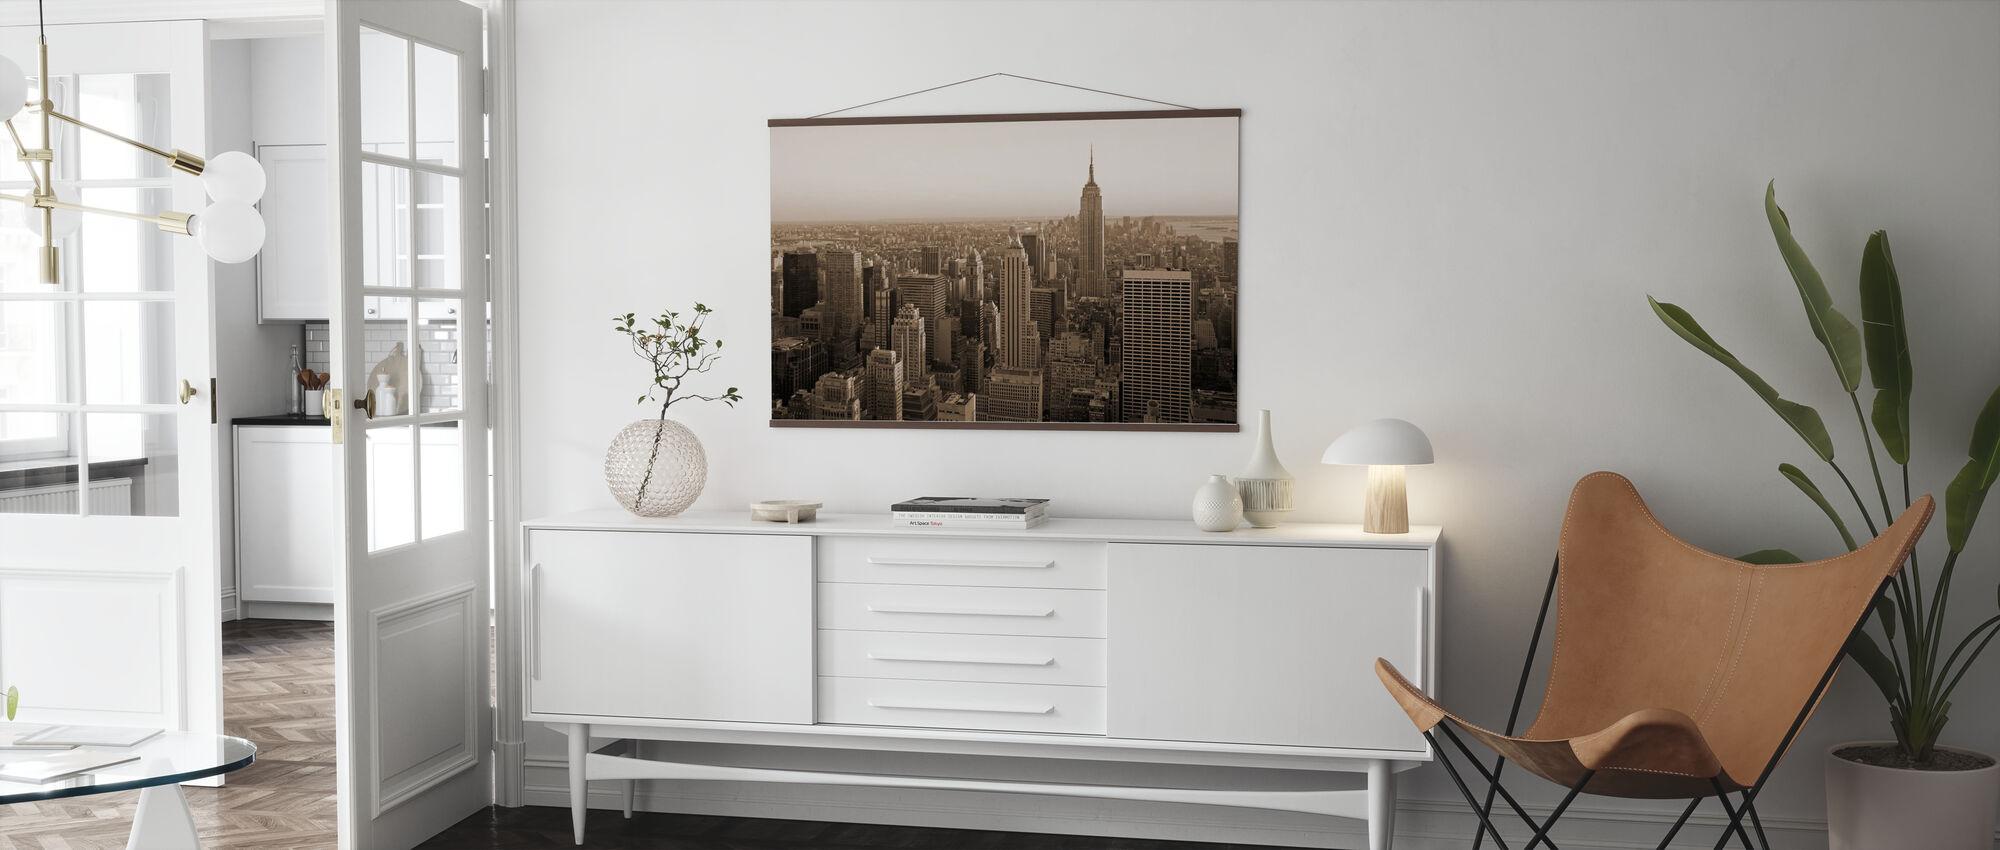 New York City, New York - Poster - Living Room